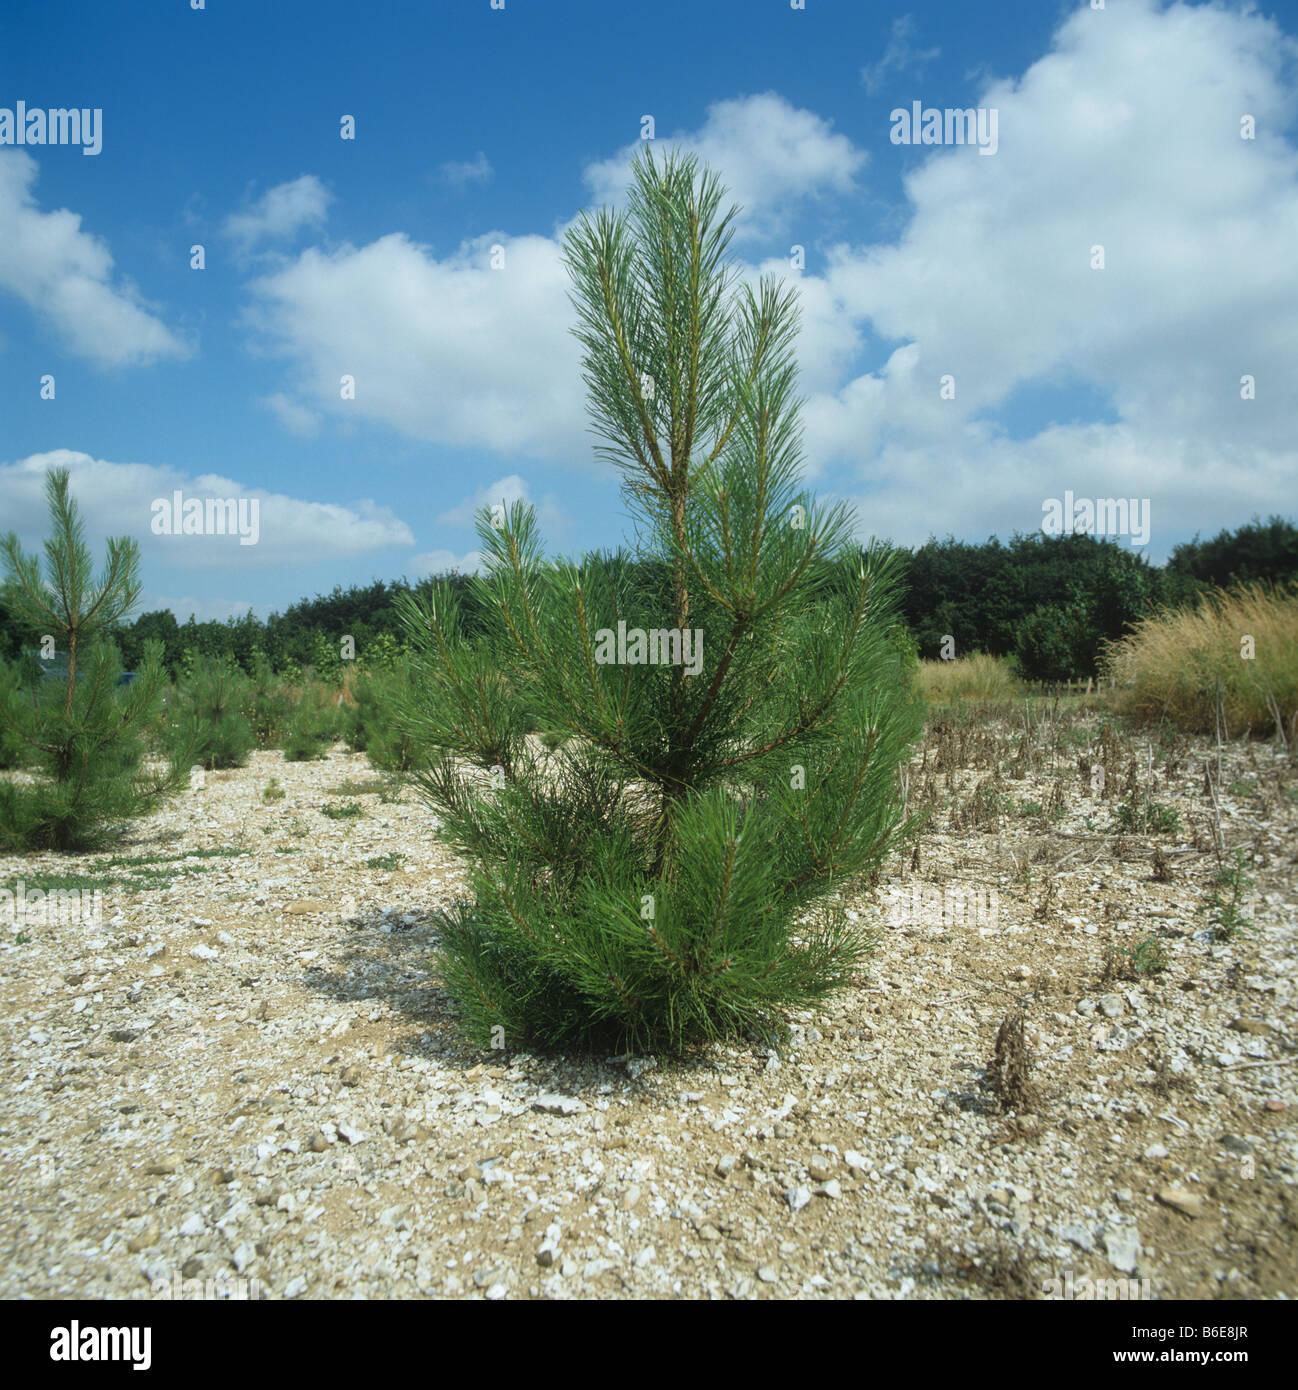 Giovani pino alberello rimboschimento esperimento con il controllo delle piante infestanti Hampshire Immagini Stock